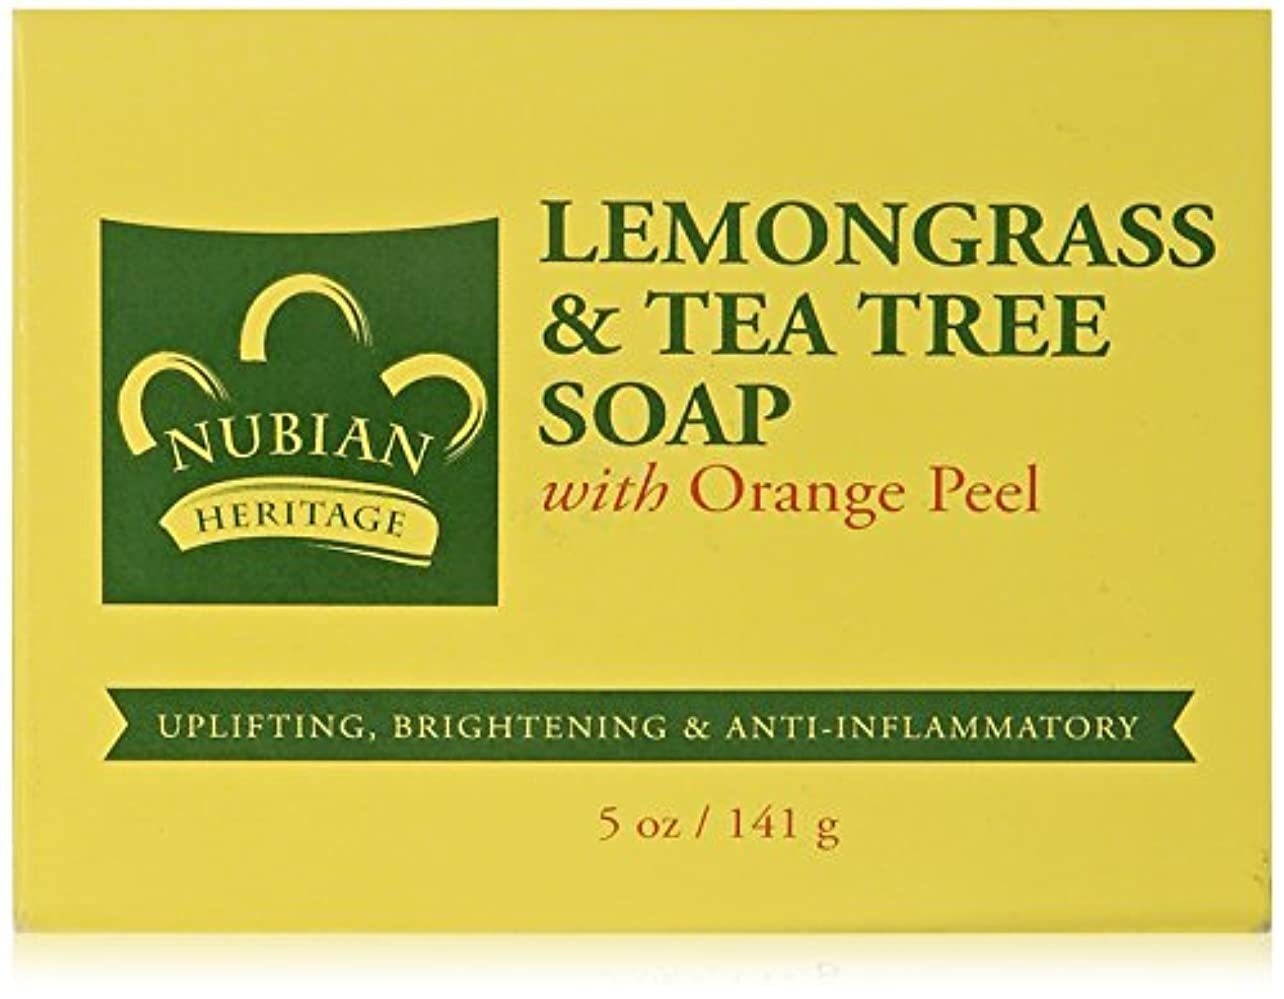 じゃがいも減る対抗NUBIAN HERITAGE レモングラス&ティートゥリー ソープ 141g